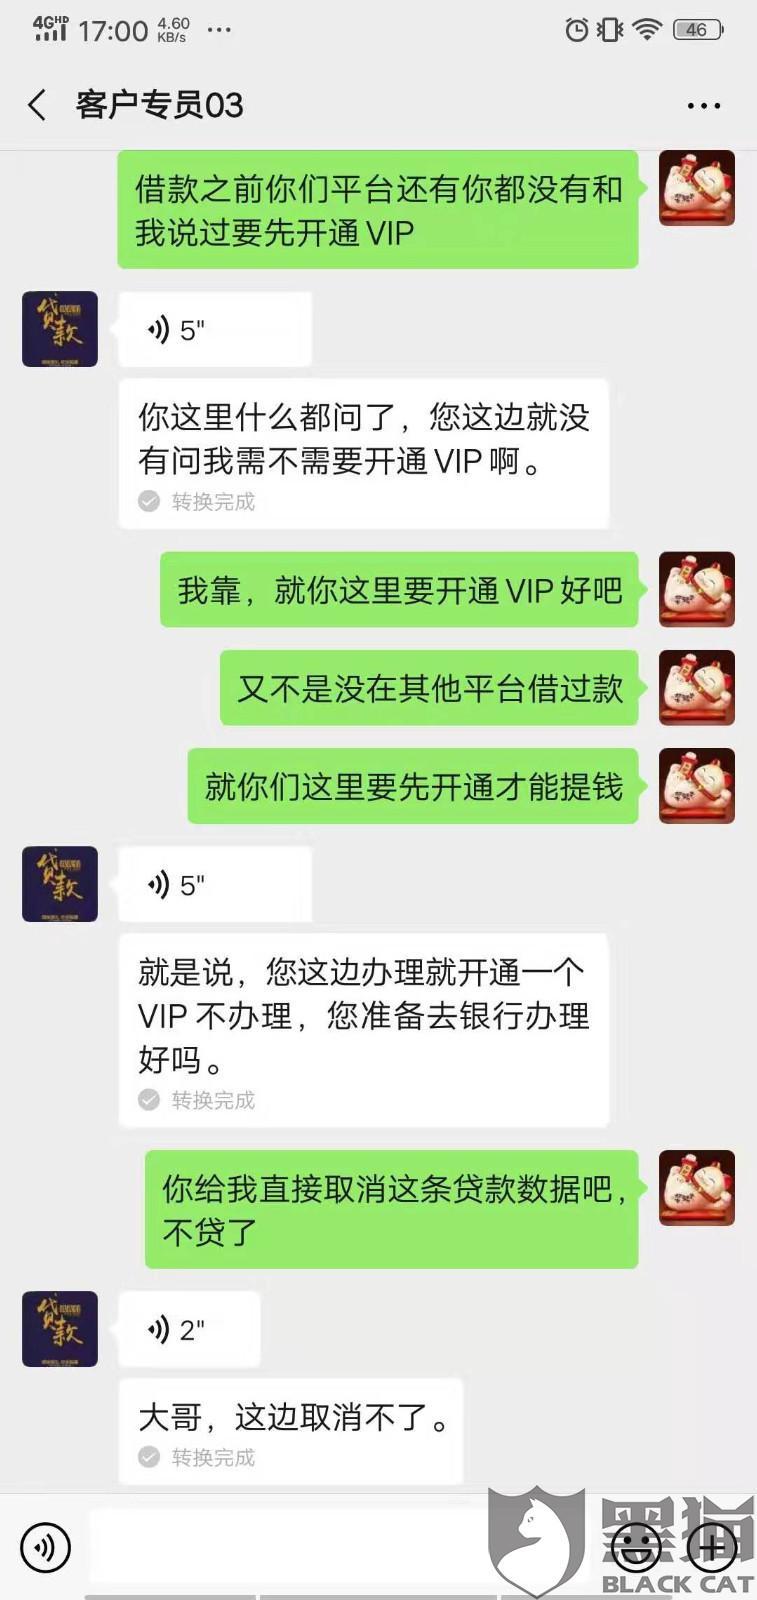 黑猫投诉:前海锐步商业保理(深圳)有限公司套路骗子公司